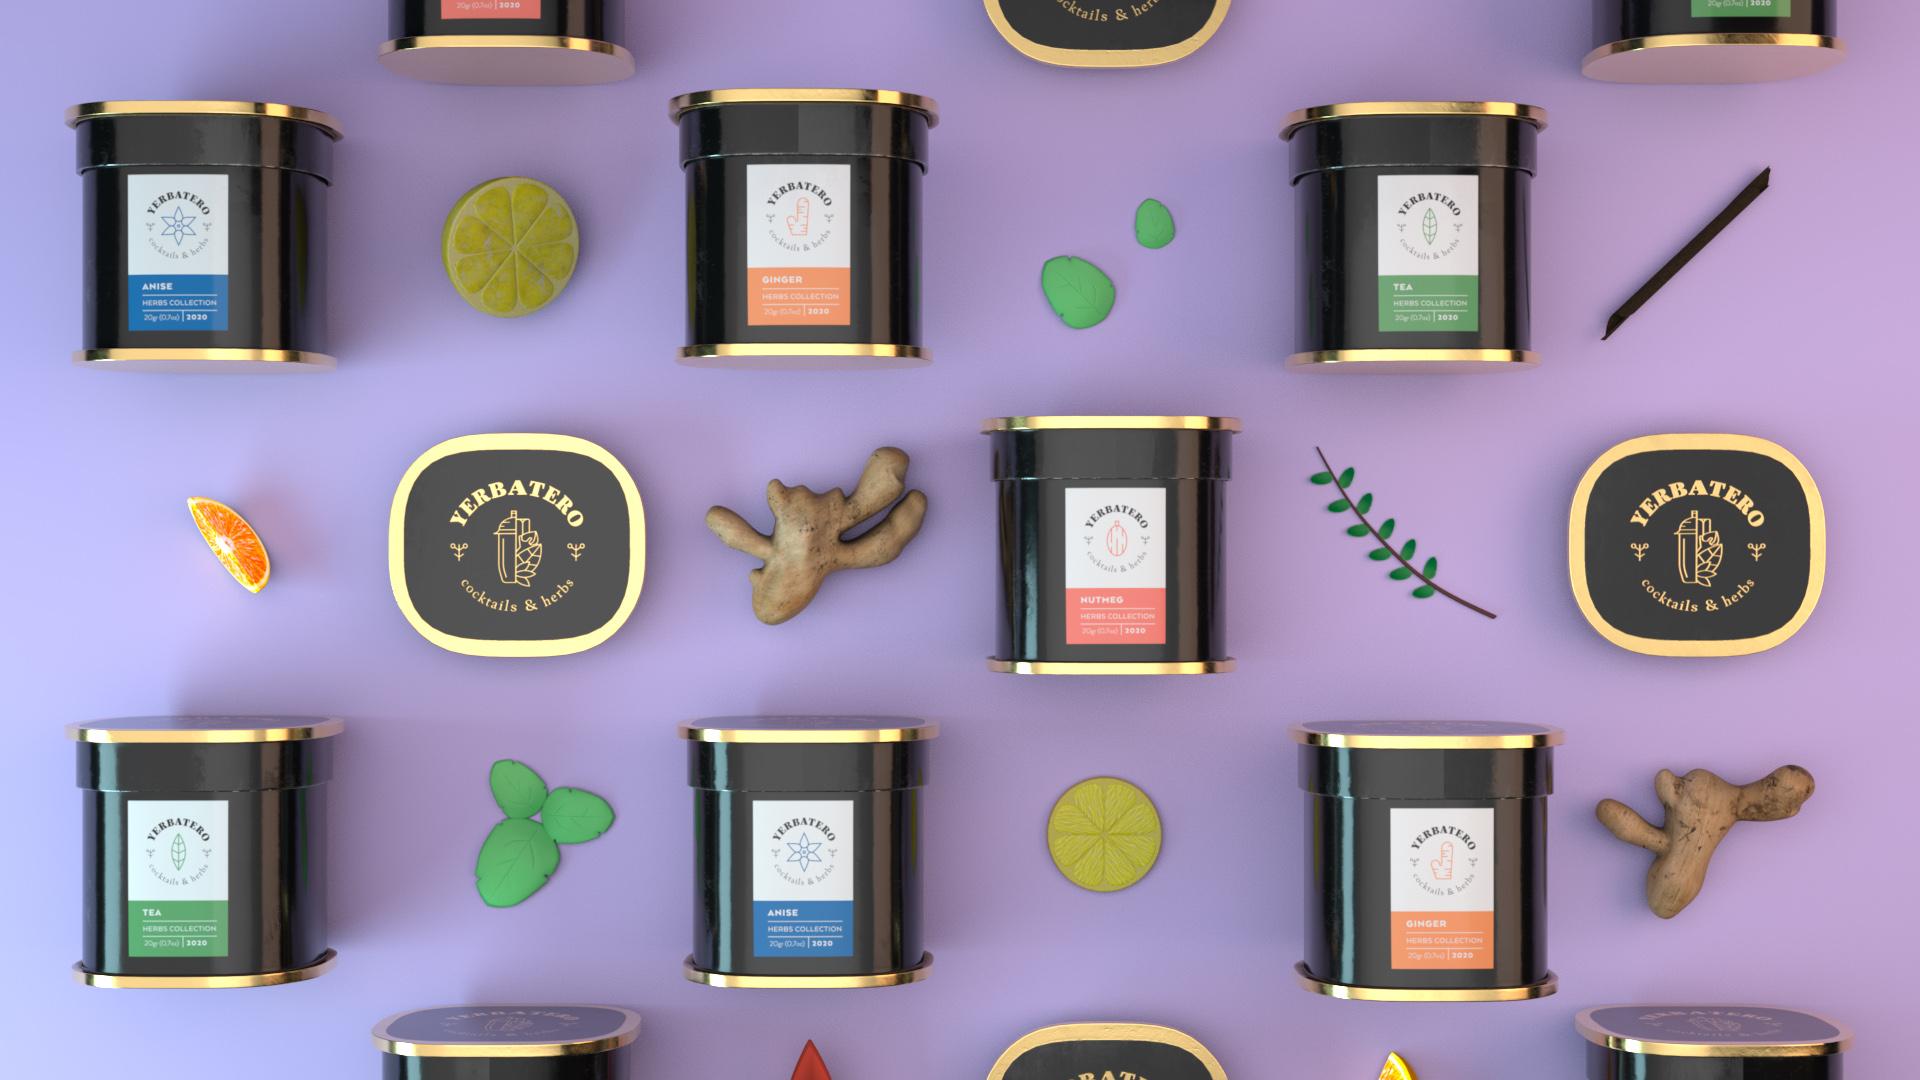 Alvarogdesign Creates Yerbatero Cocktails and Herbs Packaging Design